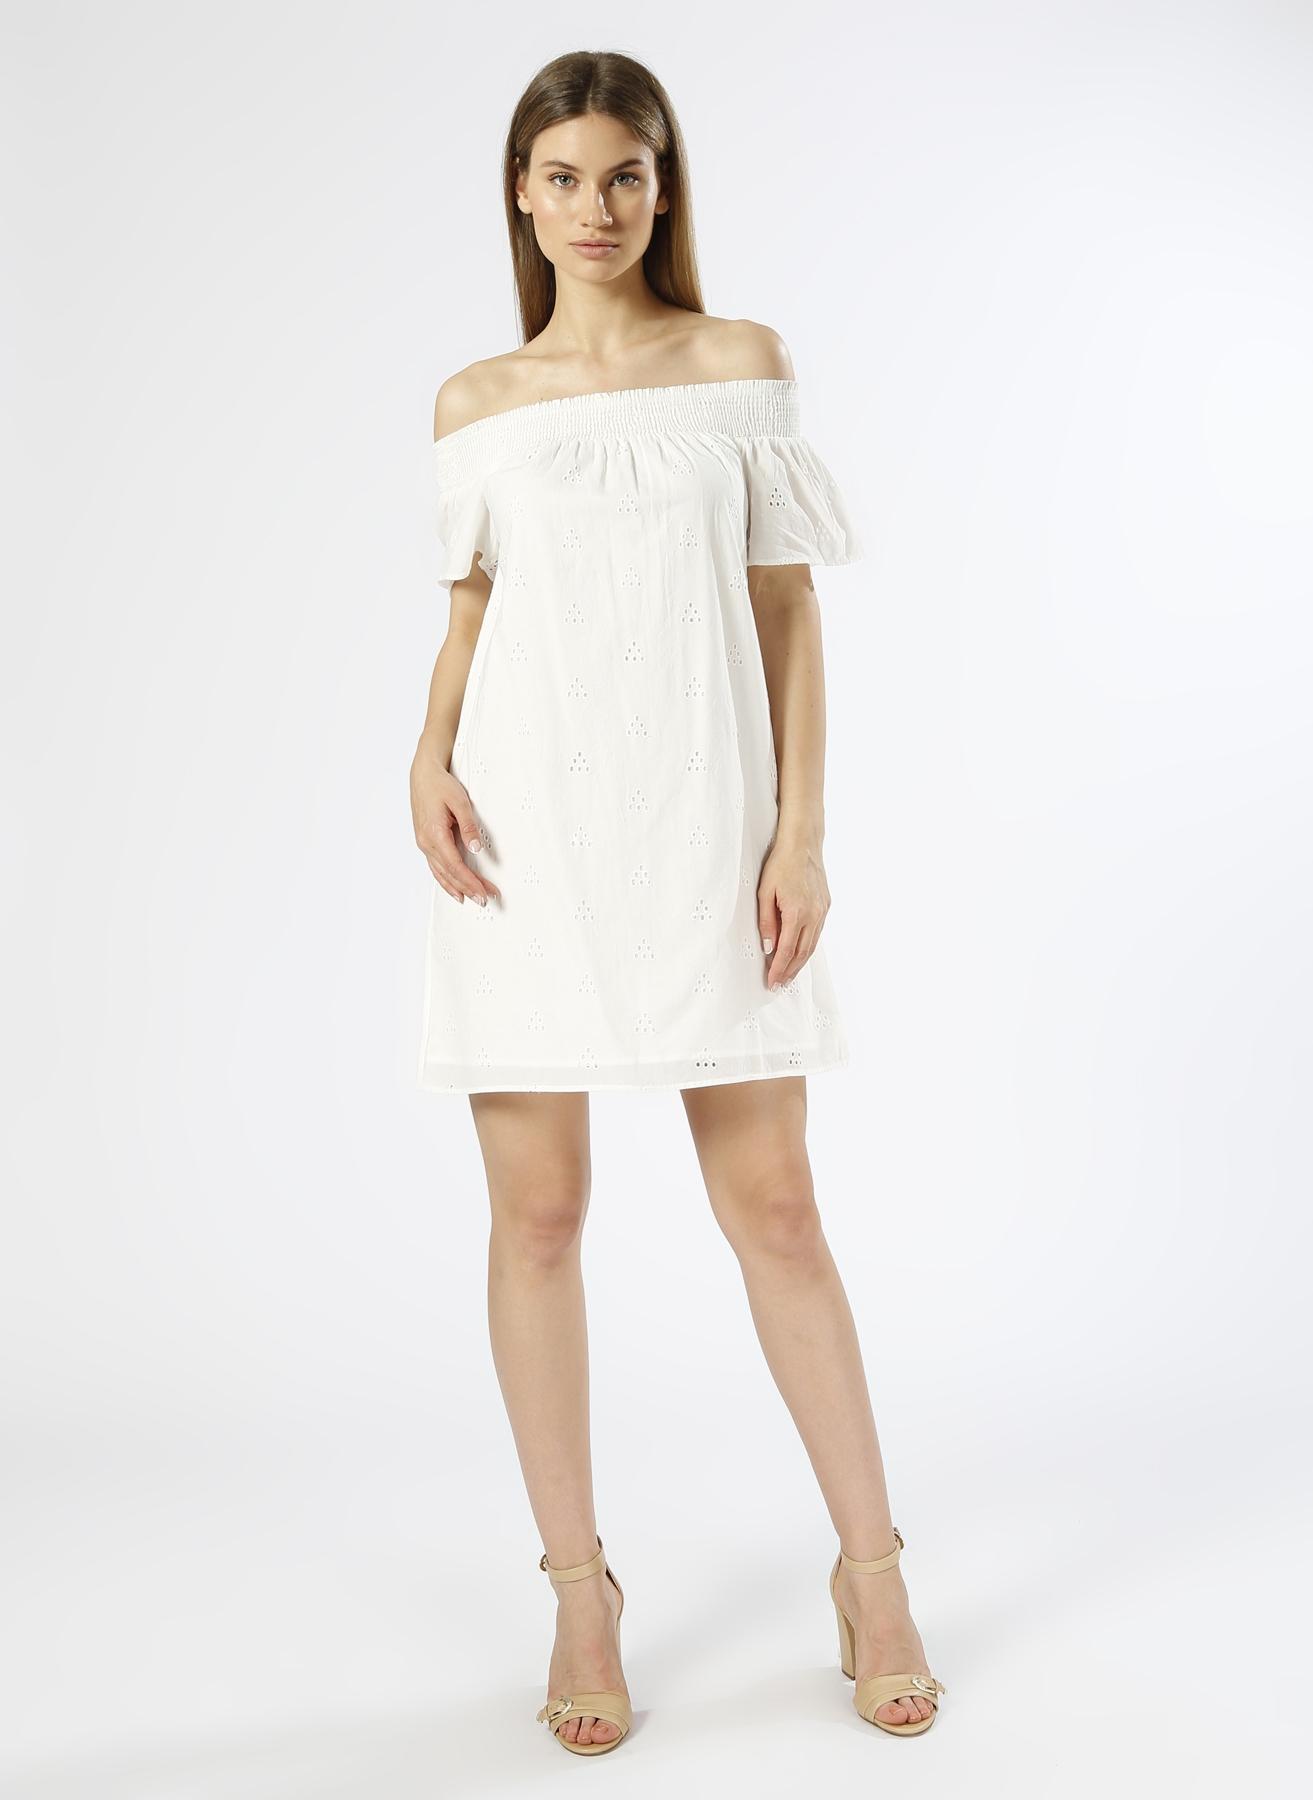 Vero Moda Kayık Yaka Beyaz Elbise M 5000196107002 Ürün Resmi